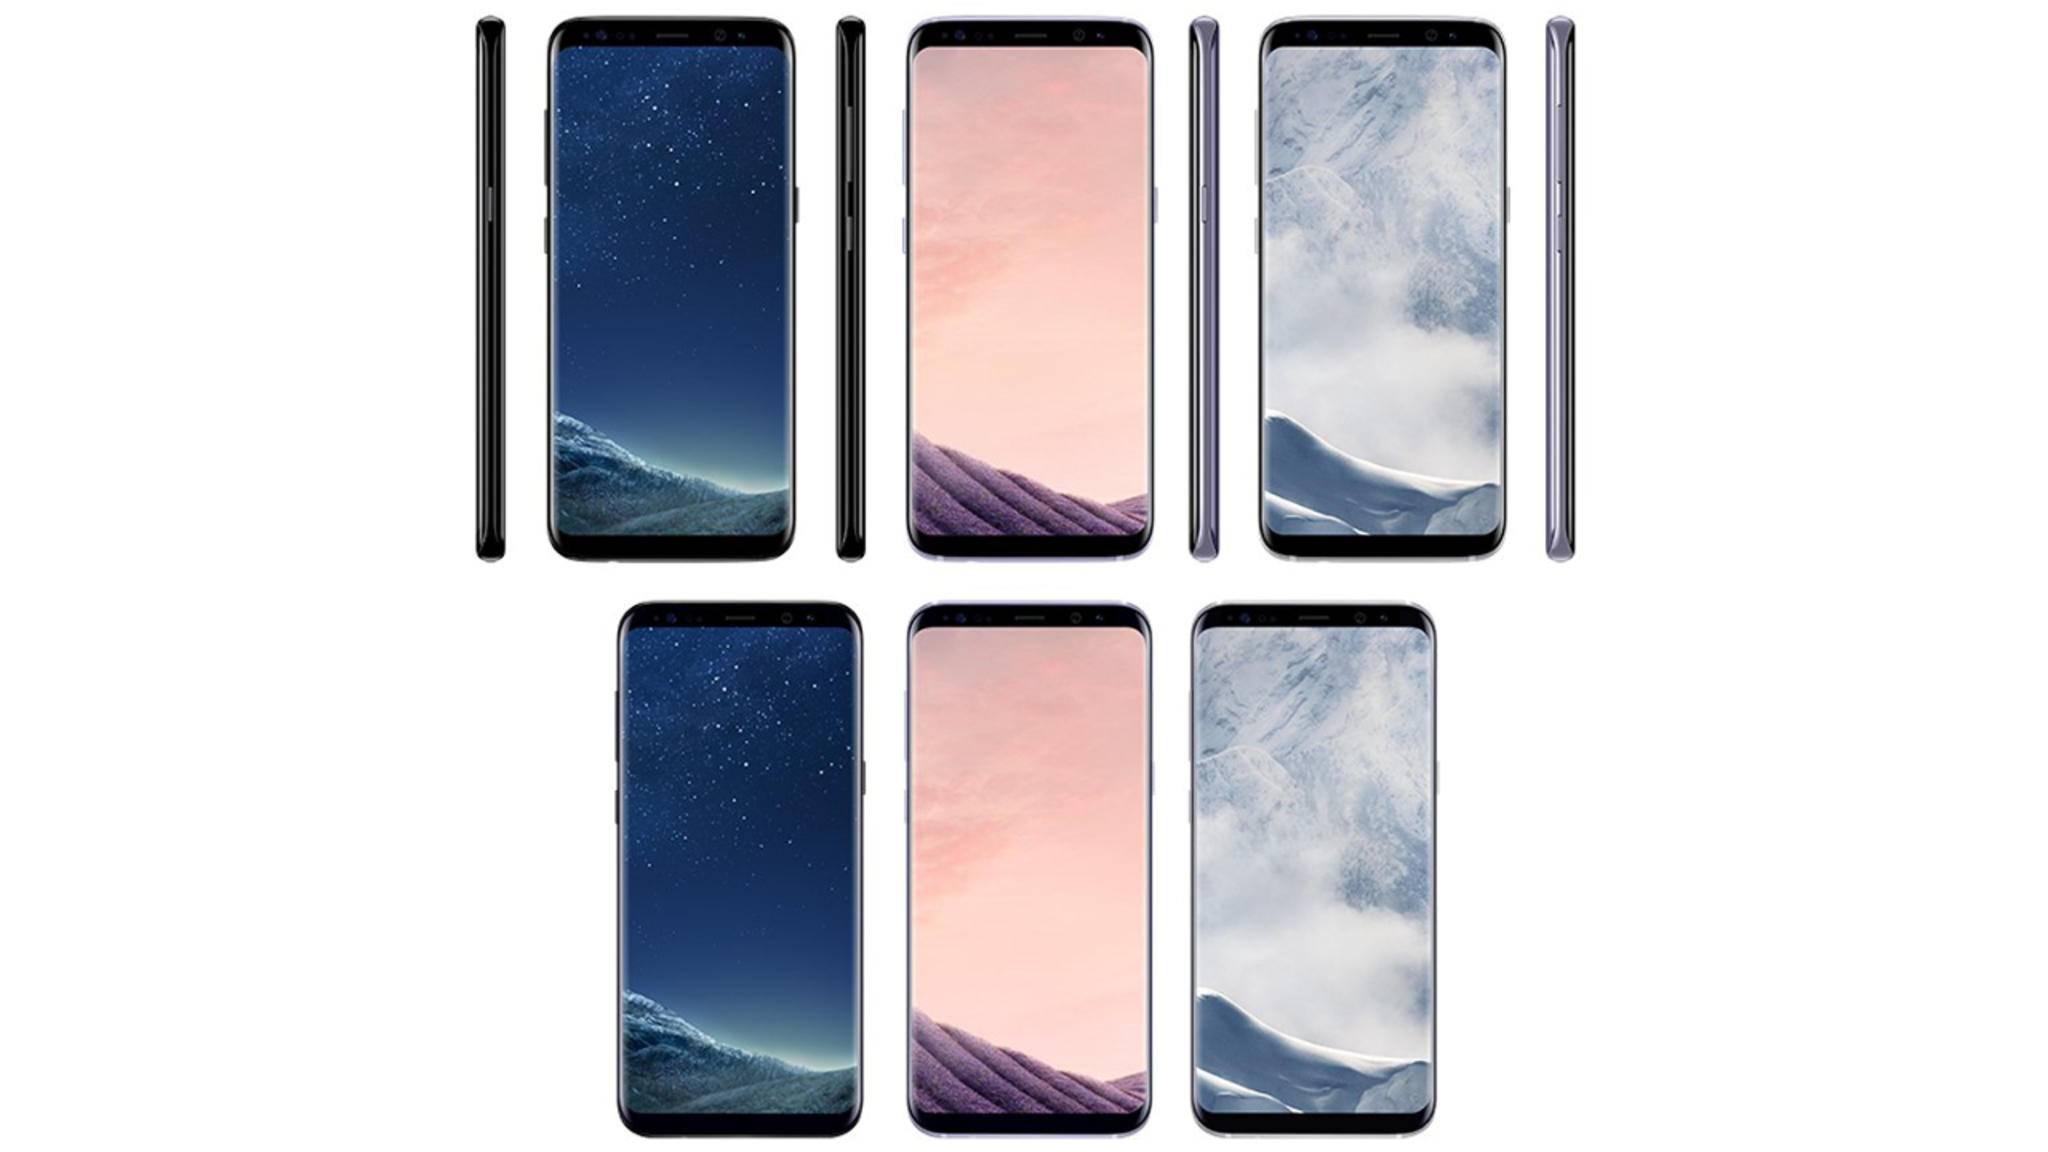 Viele bunte Galaxys: In diesen Farben soll das S8 erscheinen.